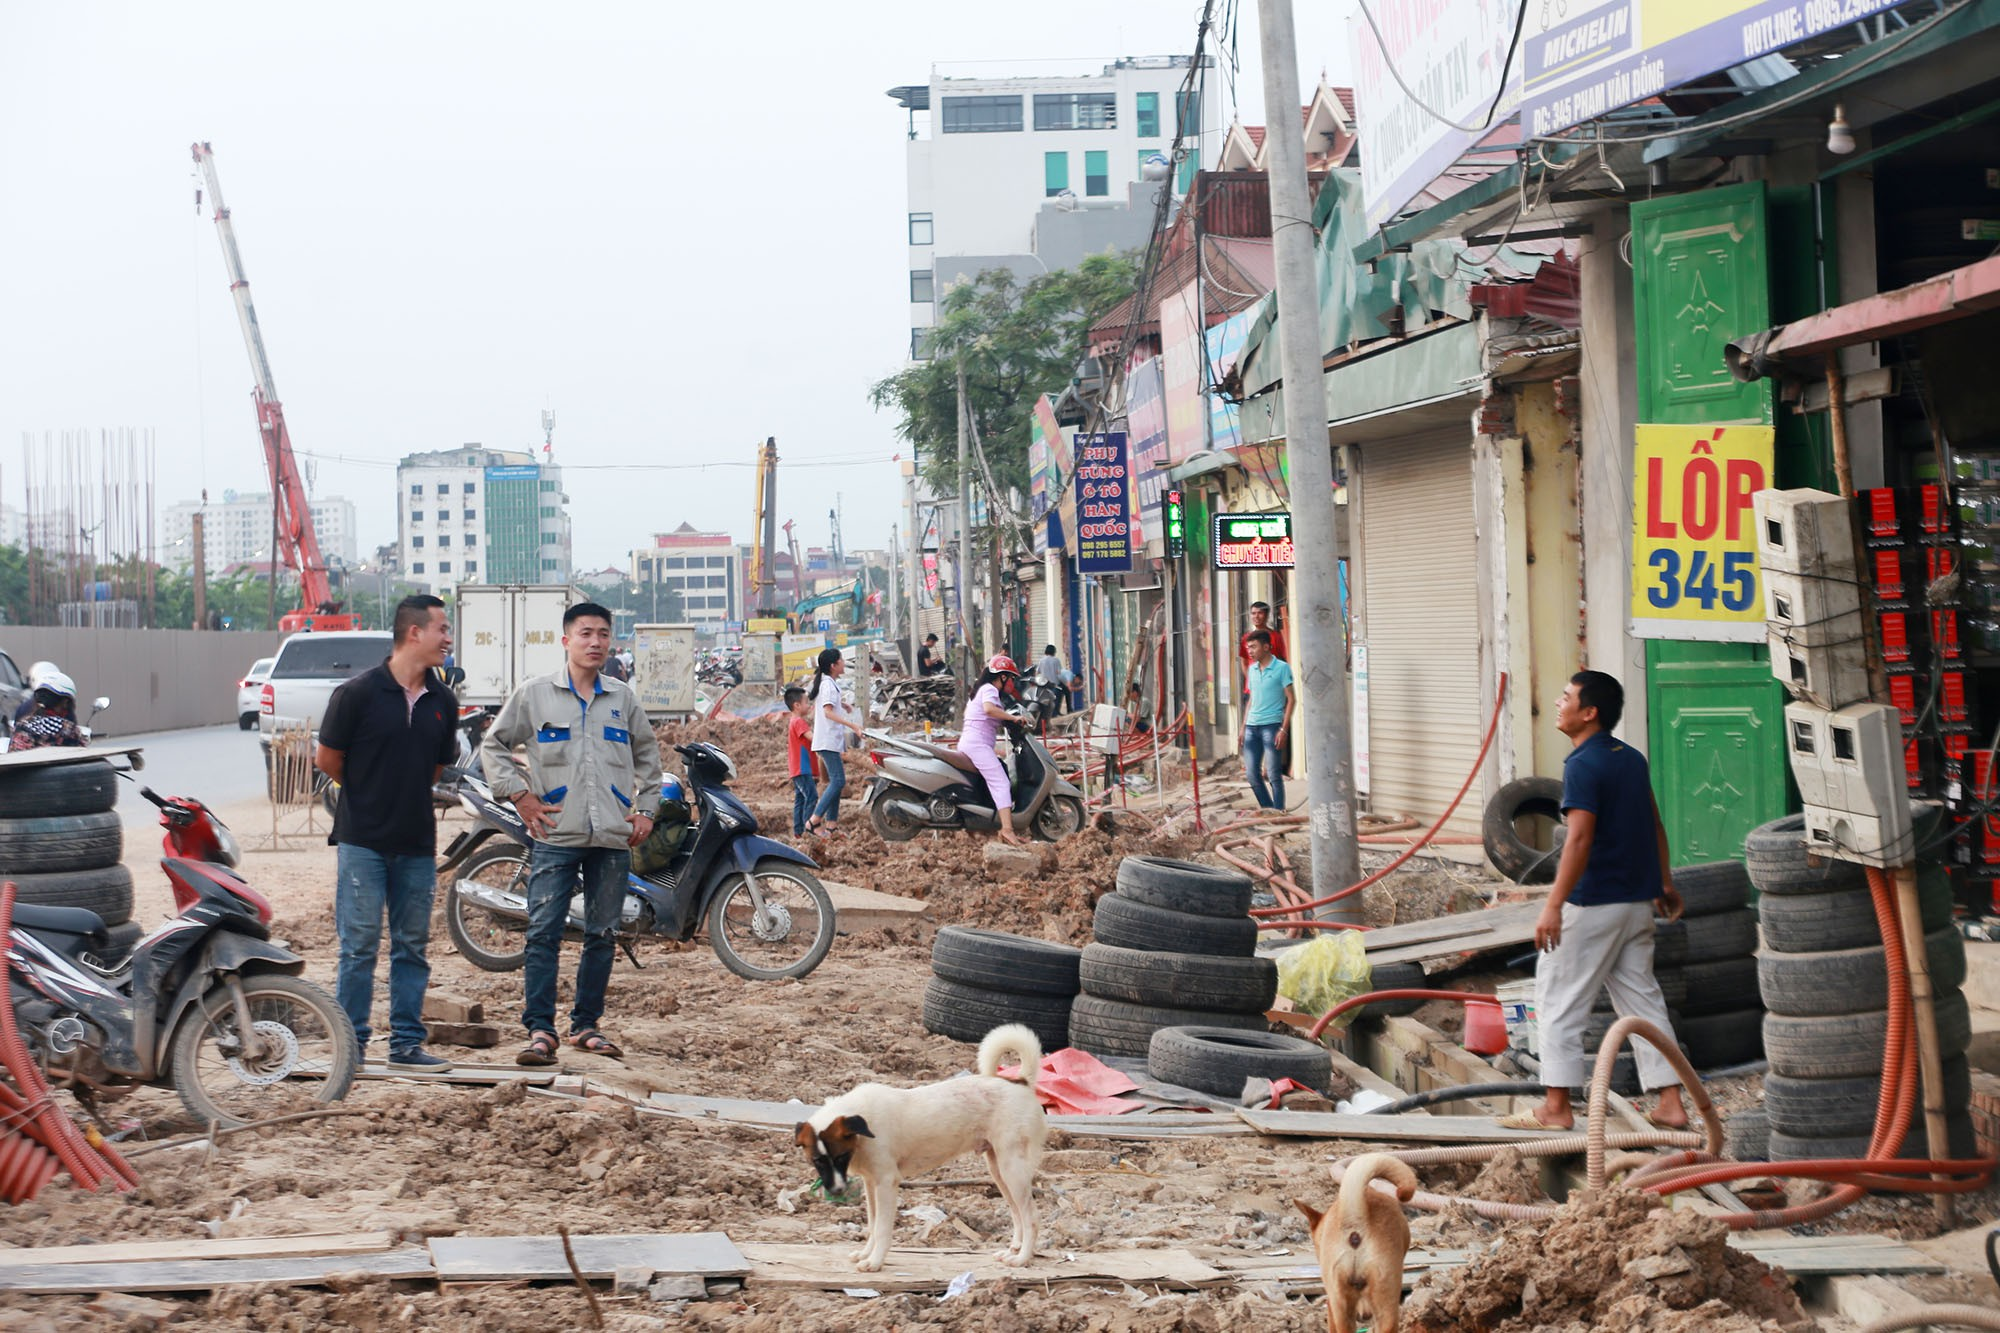 Hà Nội: Đường Phạm Văn Đồng vẫn ngổn ngang hơn 1 năm thi công dự án cao tốc trên cao - Ảnh 11.